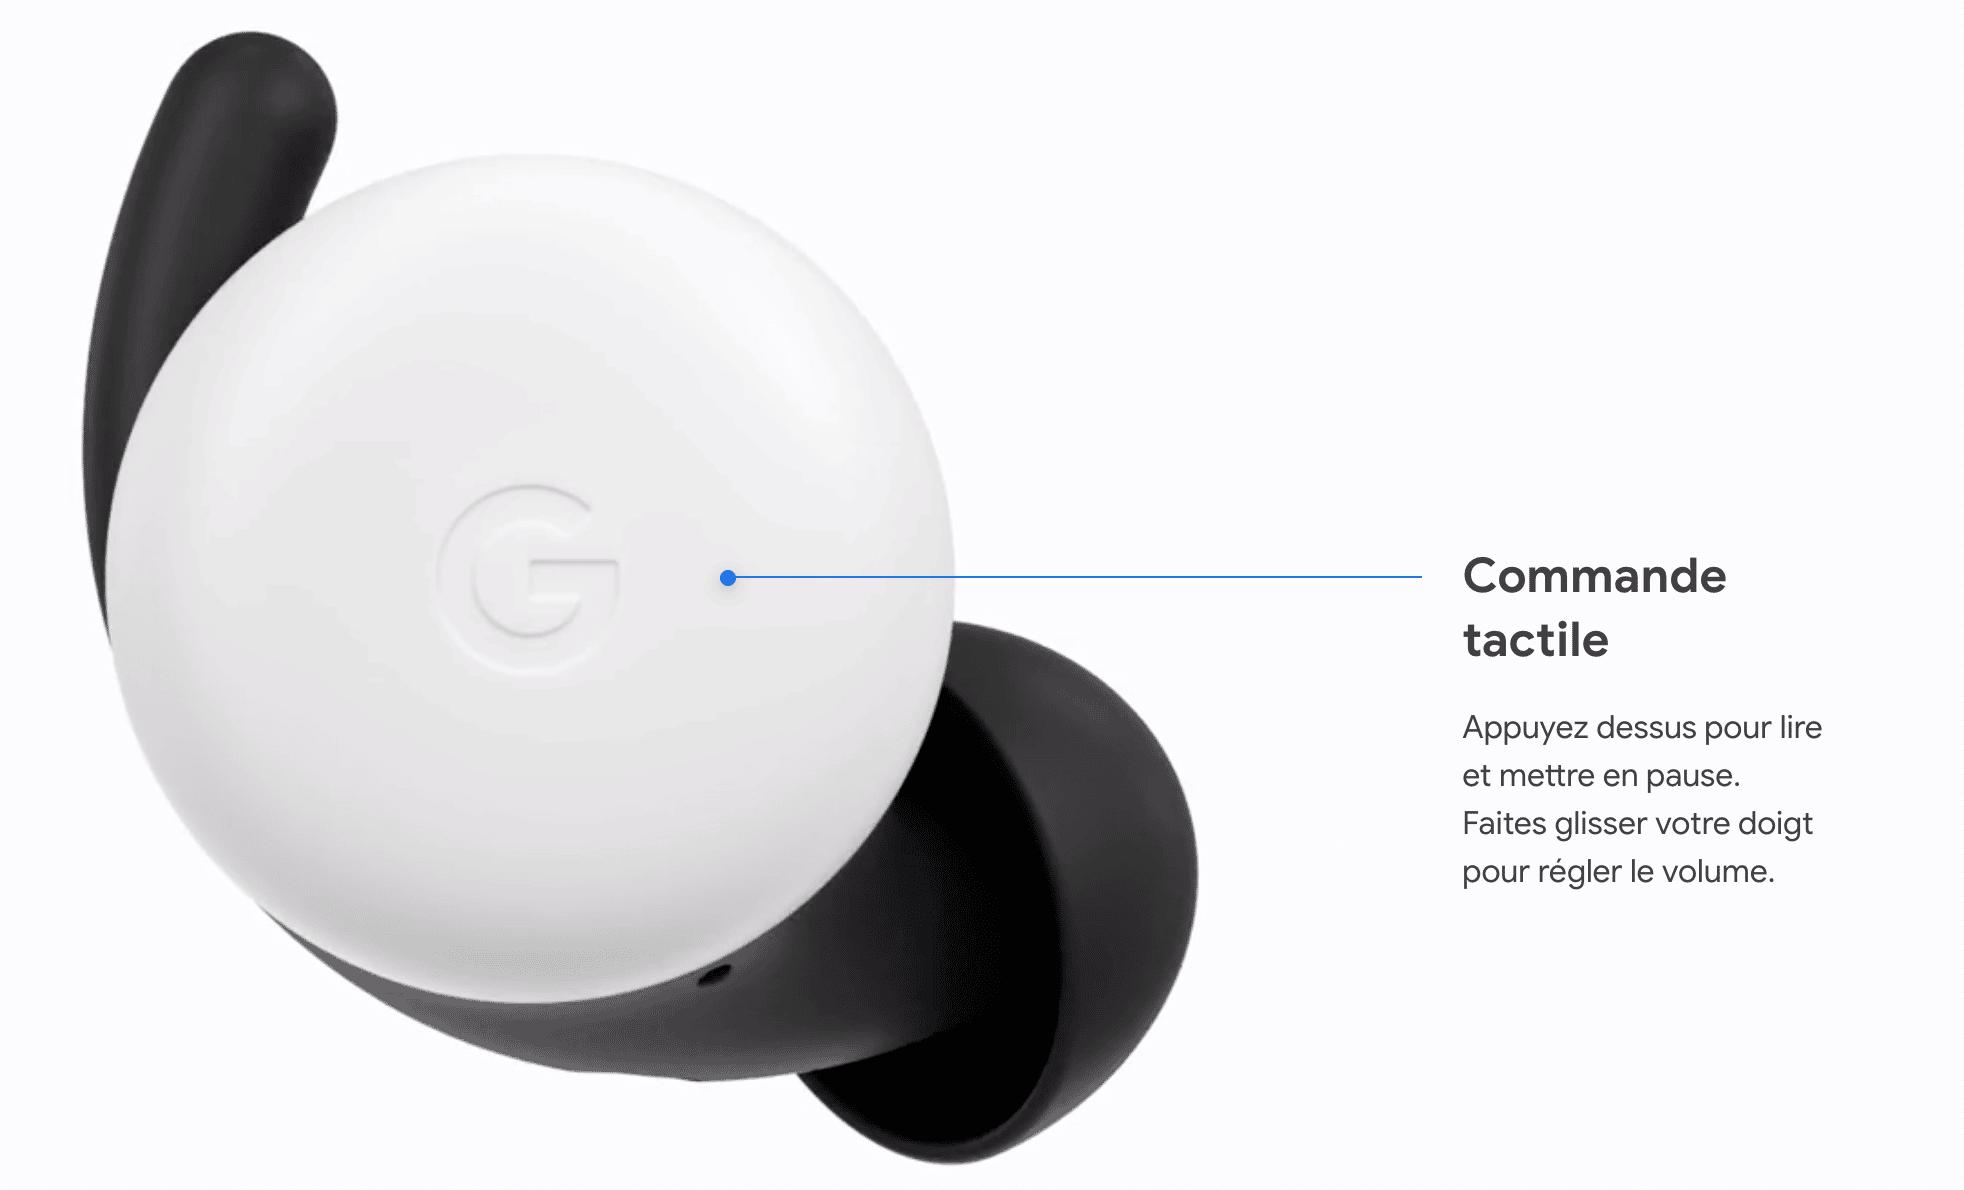 utilisation commande tactile pixel buds 2020